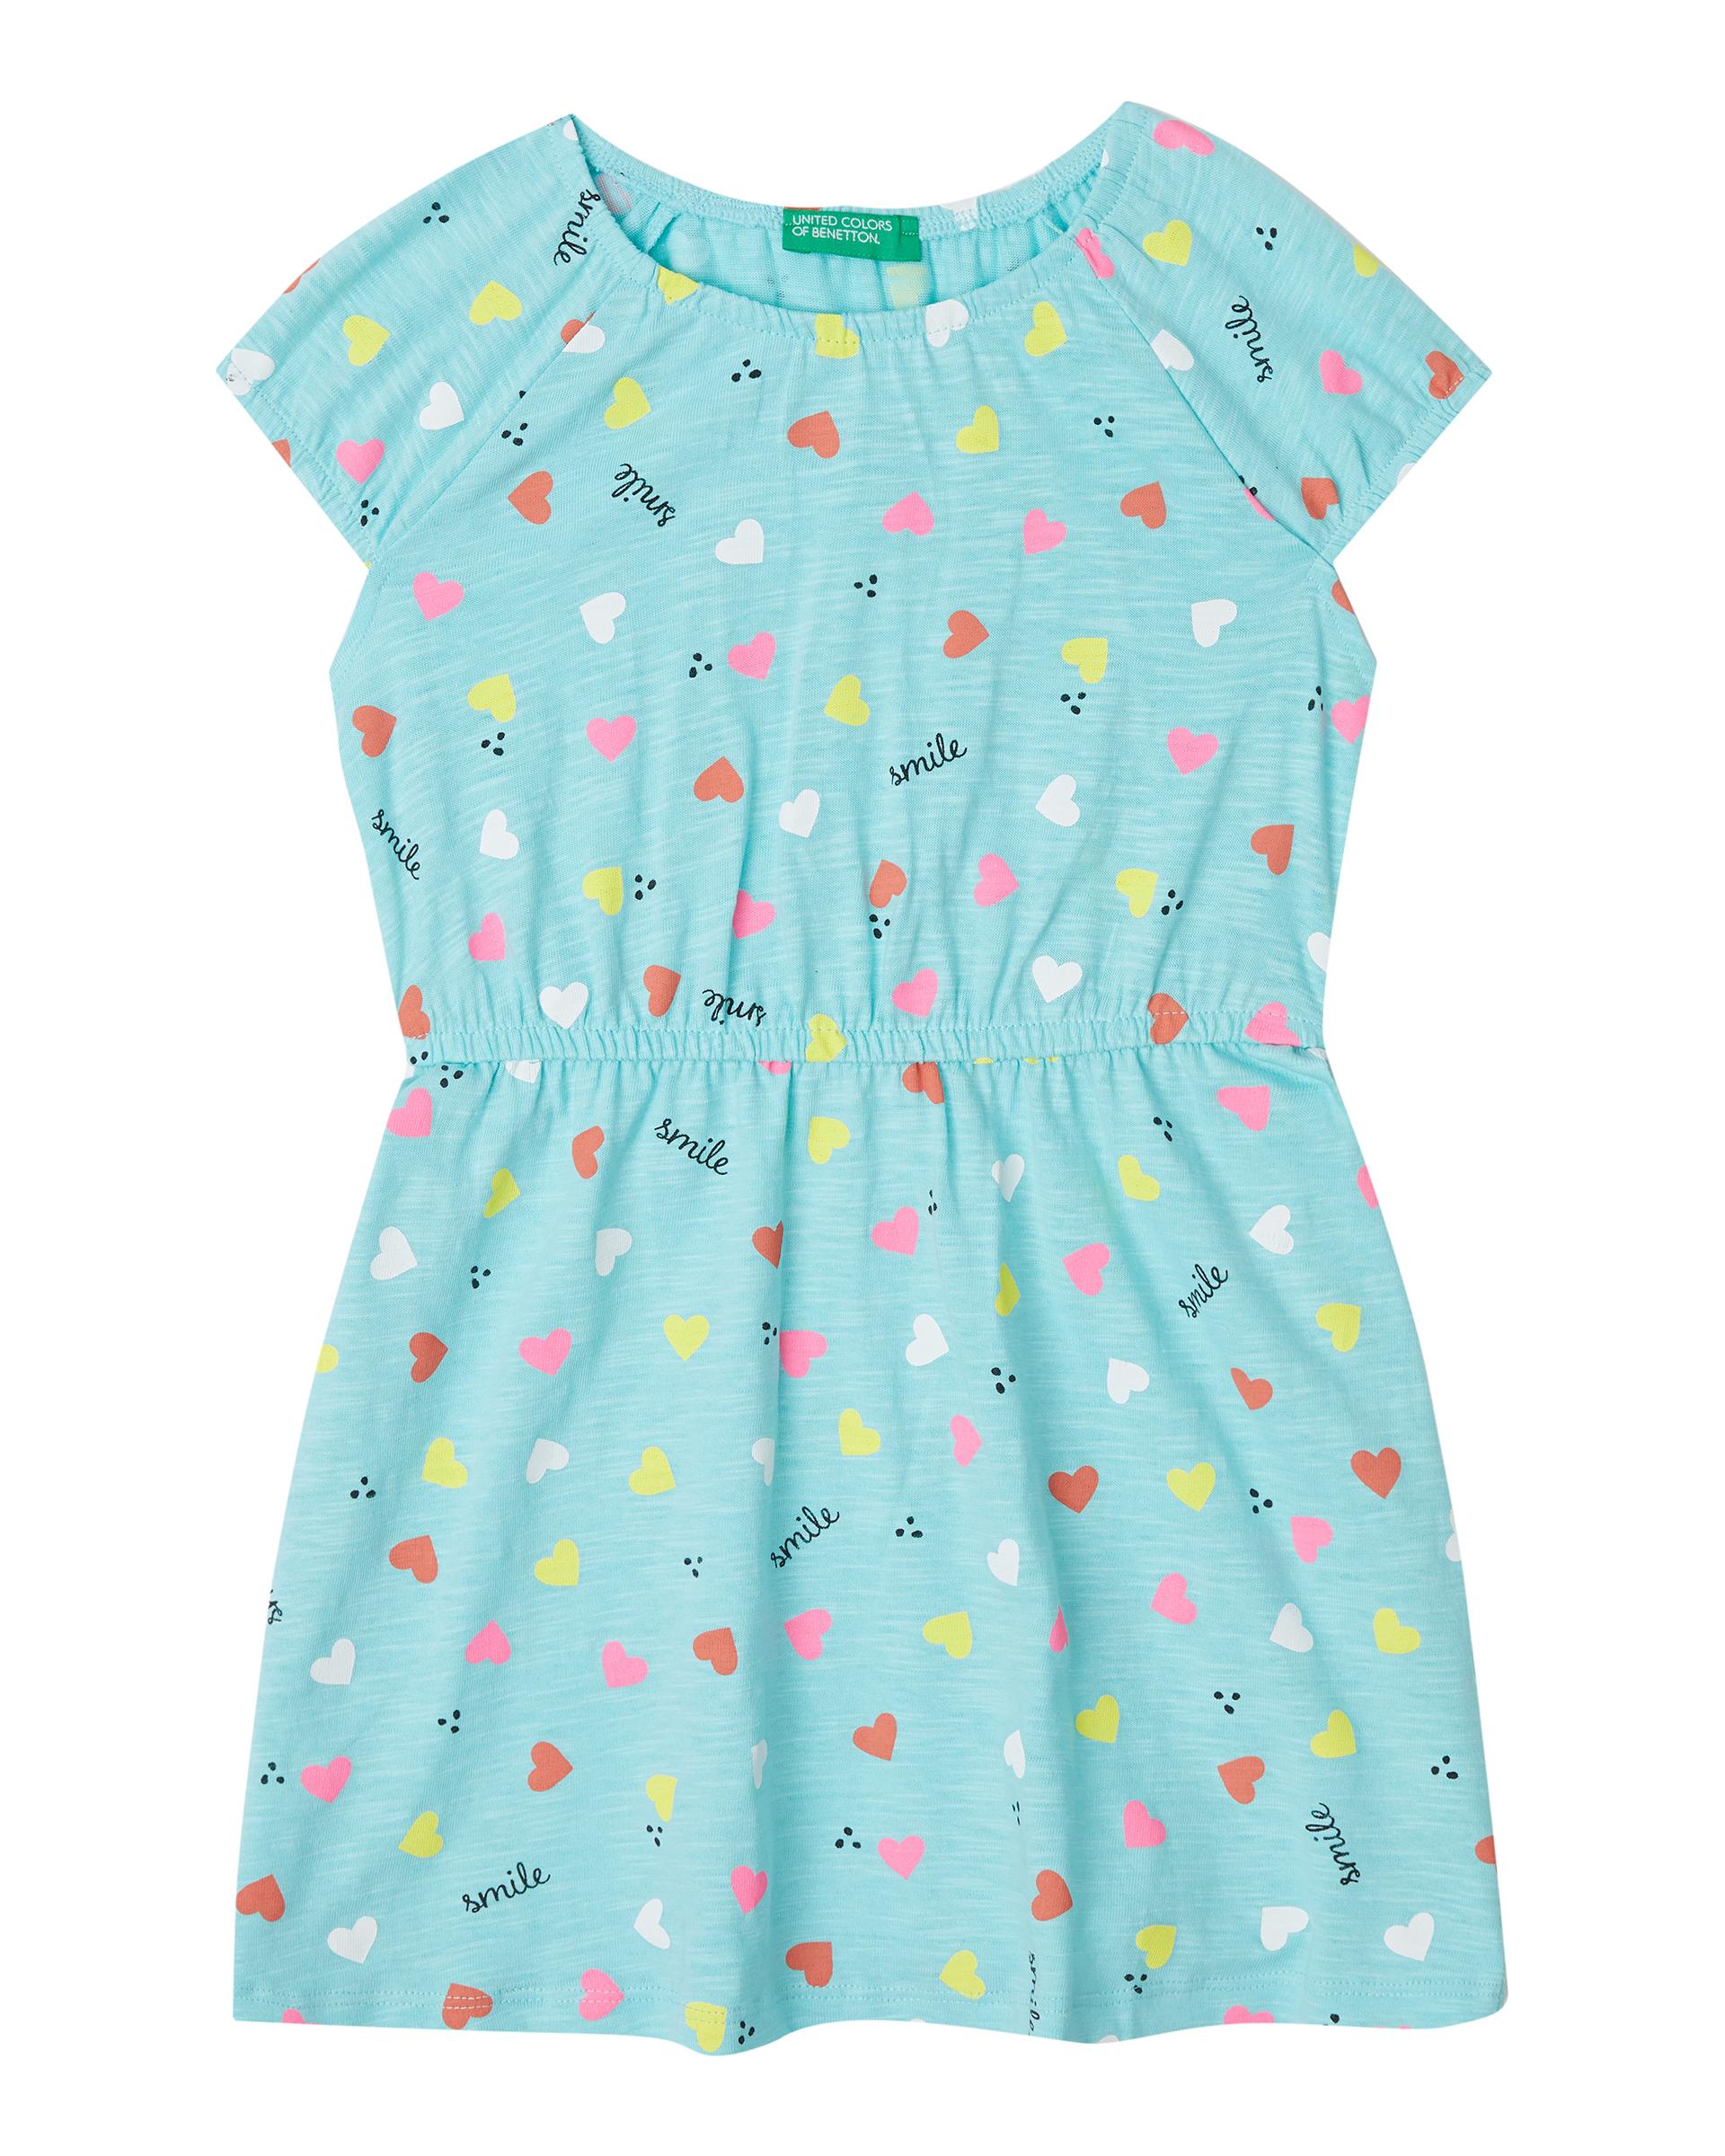 Купить 20P_3PL0F1A6P_65Z, Платье для девочек Benetton 3PL0F1A6P_65Z р-р 80, United Colors of Benetton, Платья для новорожденных